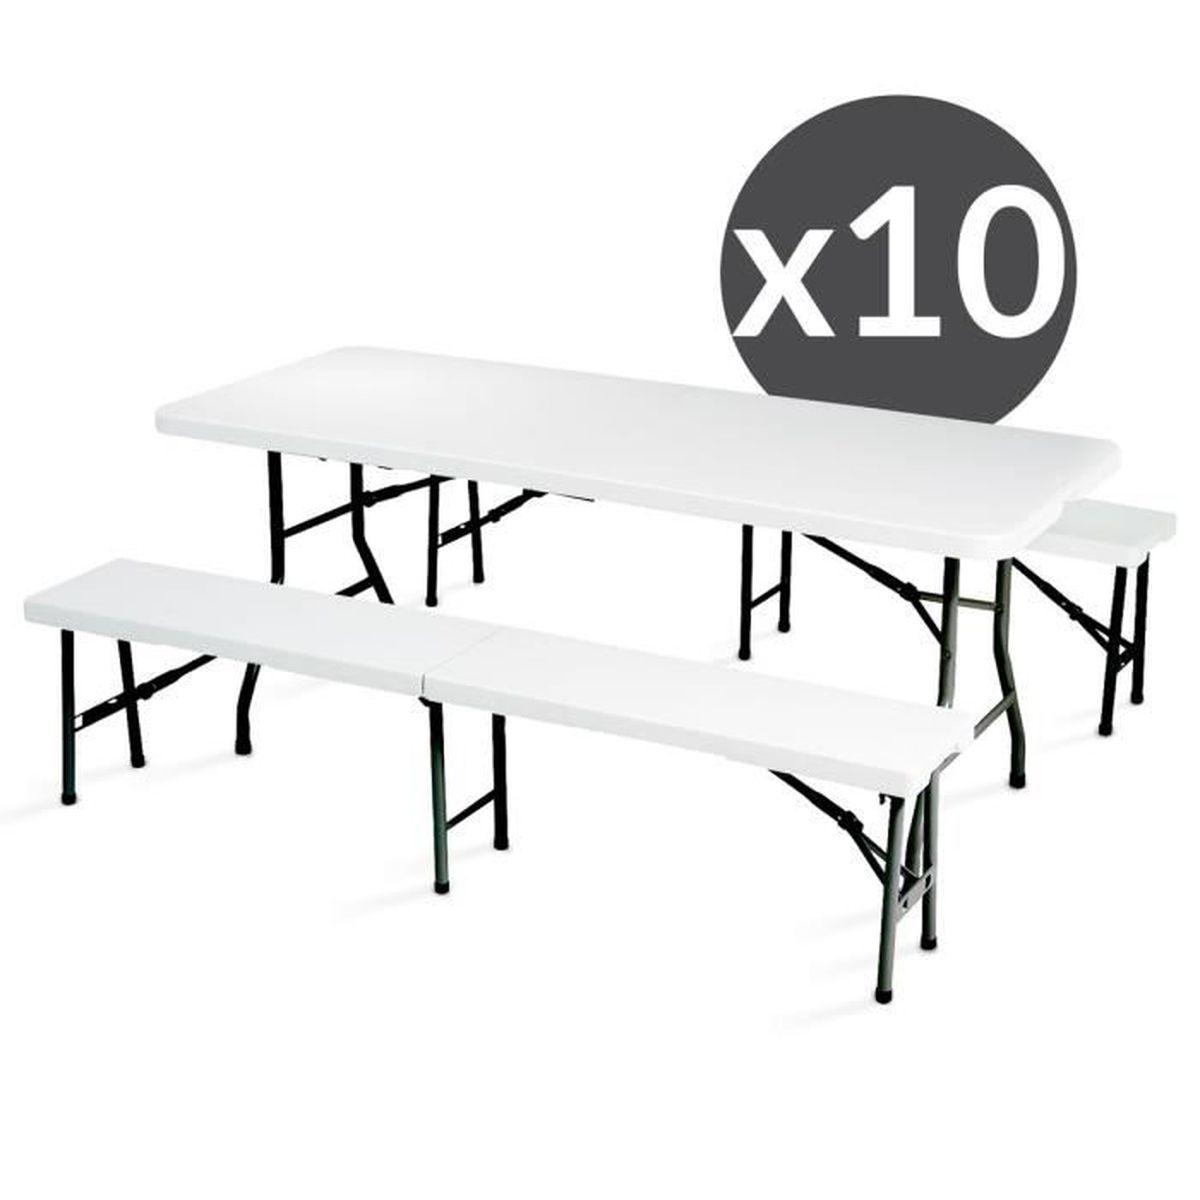 Table Et Bancs Pliants 8 Places 180 Cm Lot De 10 Achat Vente